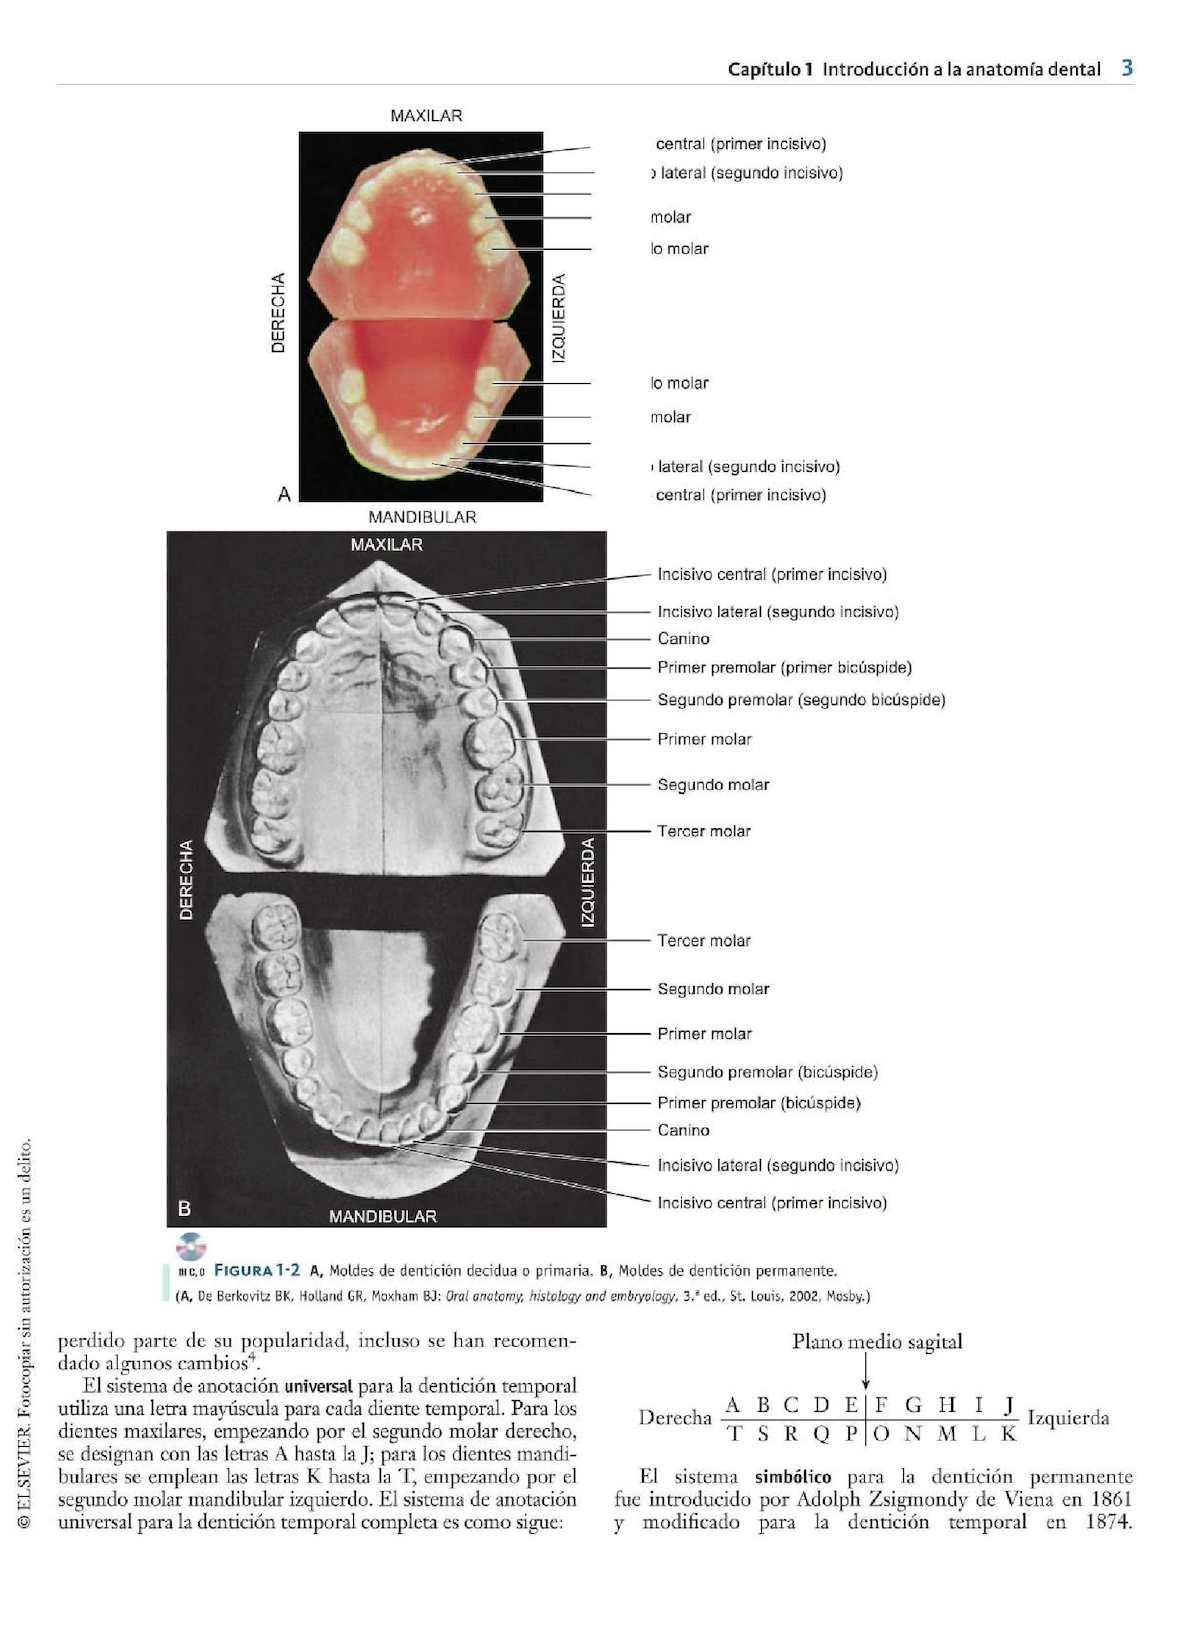 Encantador Anatomía Mucosa Oral Embellecimiento - Imágenes de ...